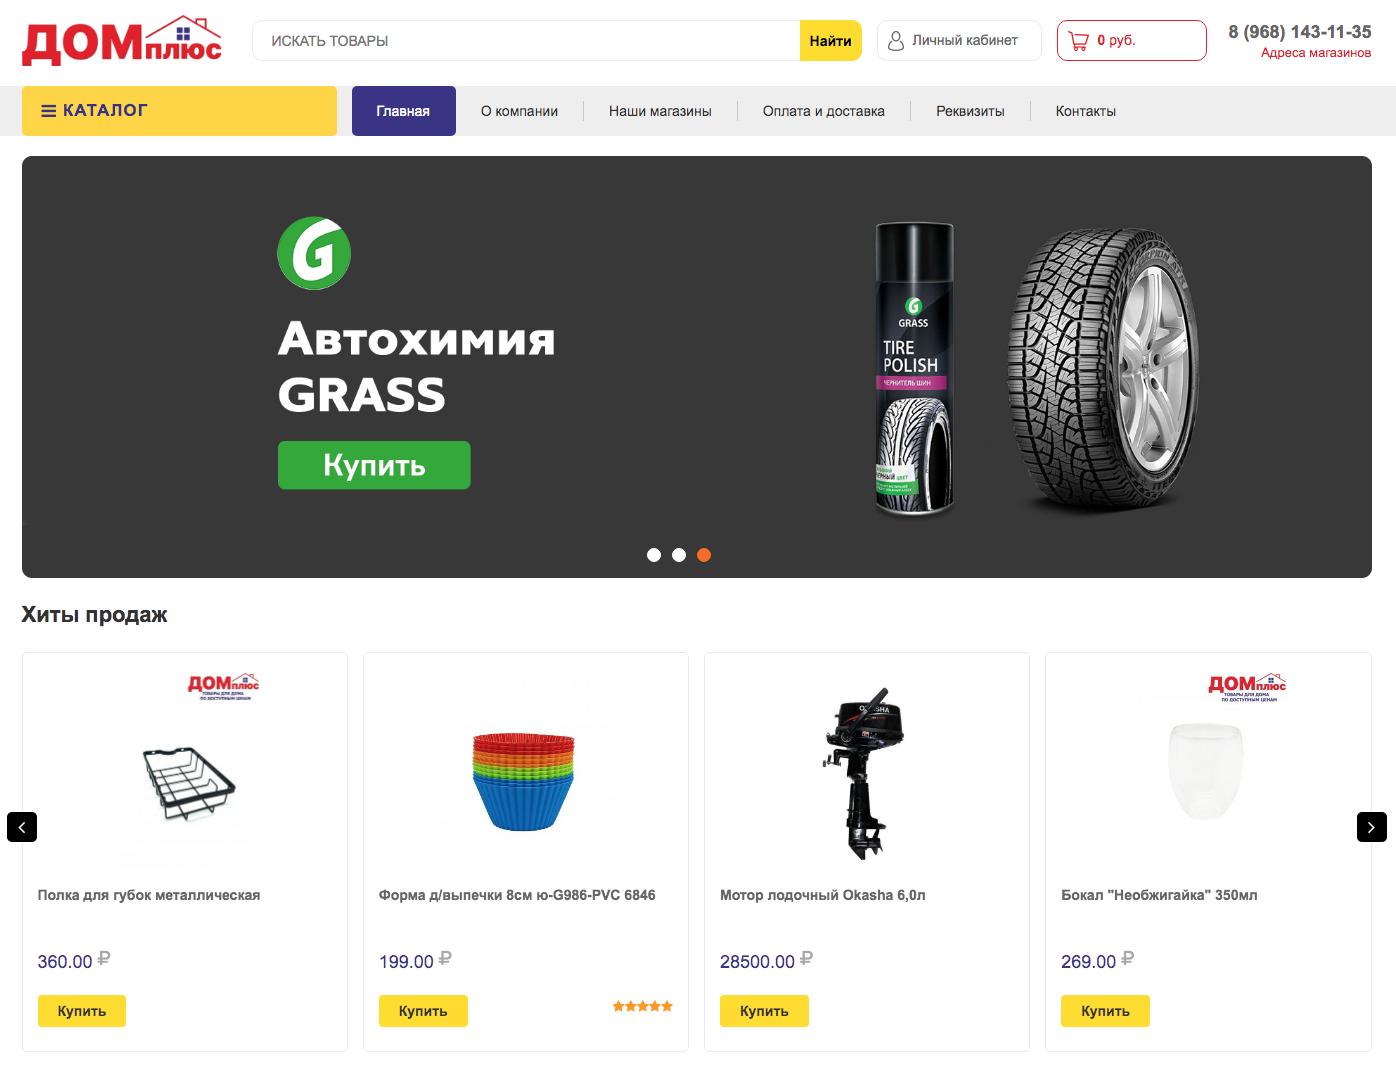 Упрощённый дизайн сайта